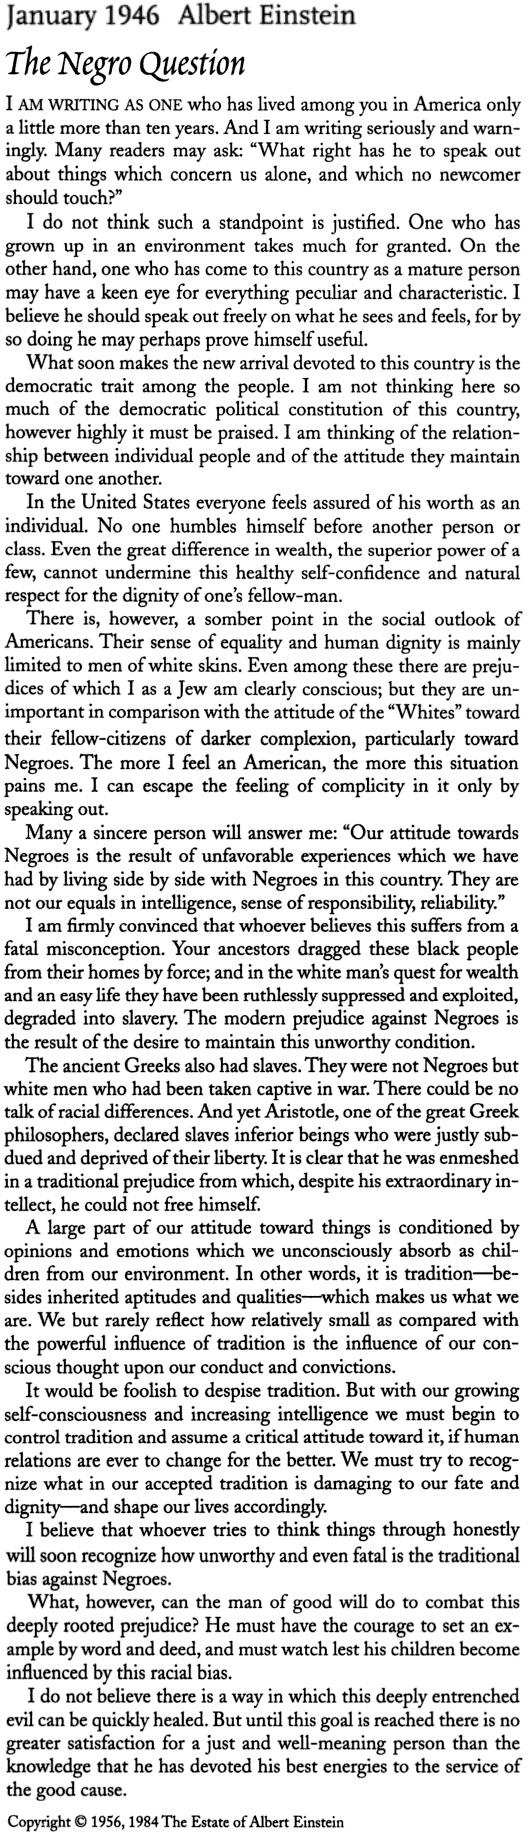 Einstein - African Americans 1946